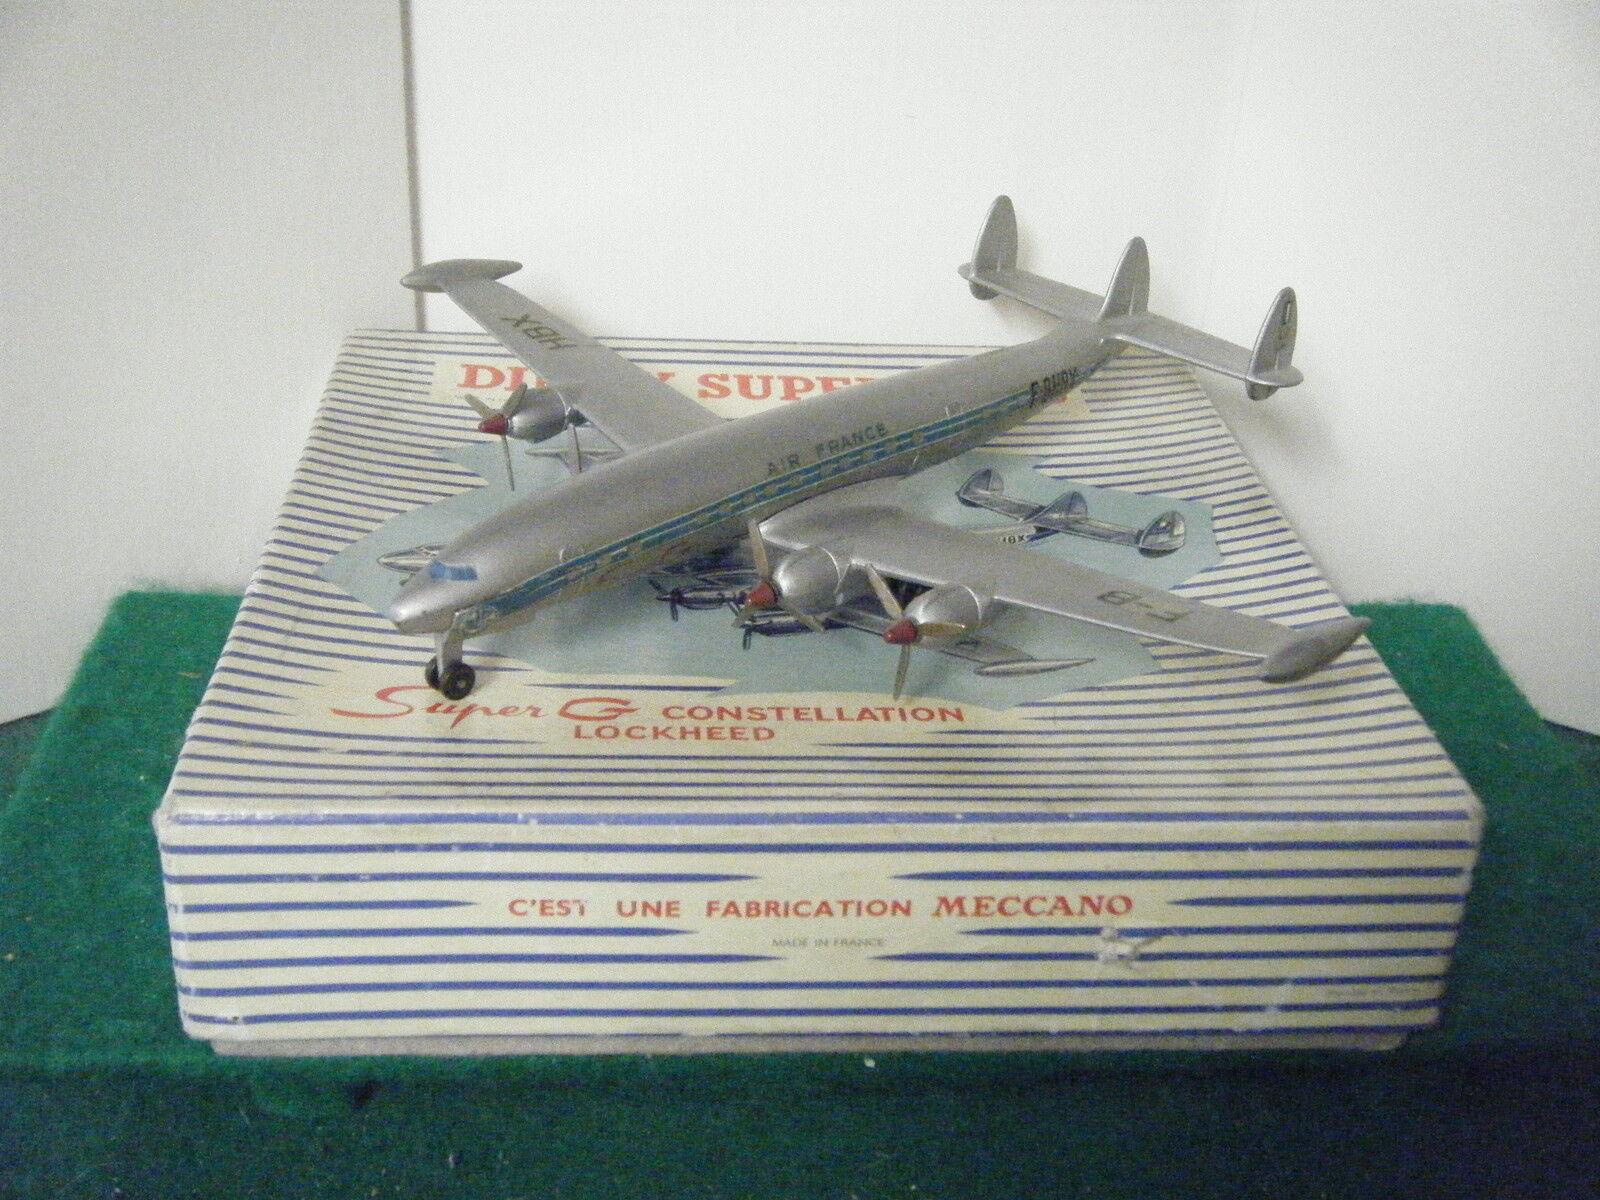 ¡No dudes! ¡Compra ahora! Francés Francés Francés Dinky no  60c  súper G Constellation Lockheed avión  (Air France)  ventas al por mayor